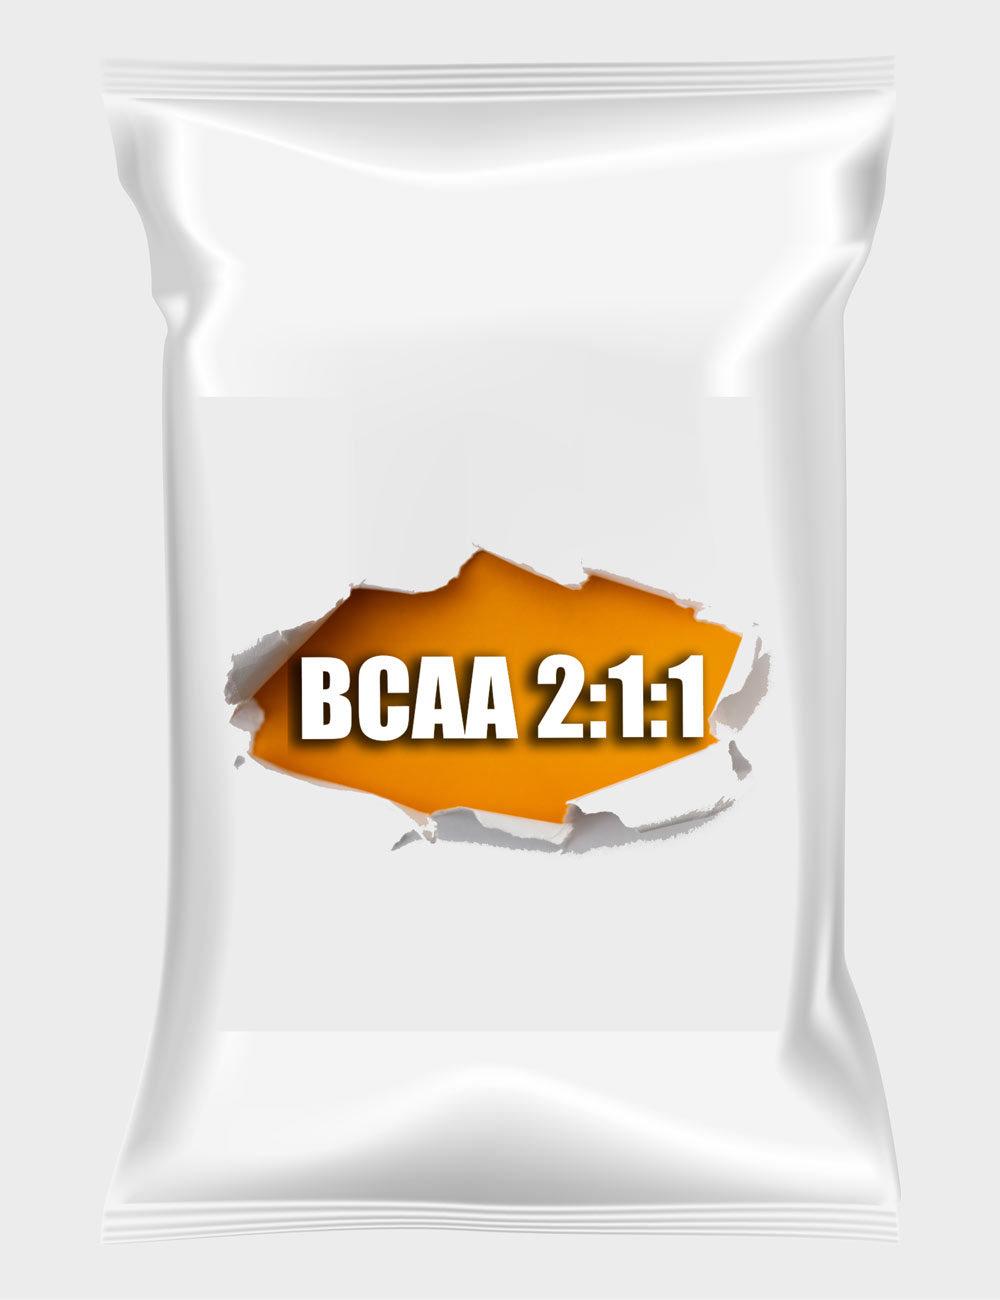 Купить bcaa оптом аминокислоты 2:1:1 в Украине 5 кг.- отзывы-цена. Спортивное питание оптом tvoy-prot.com.ua